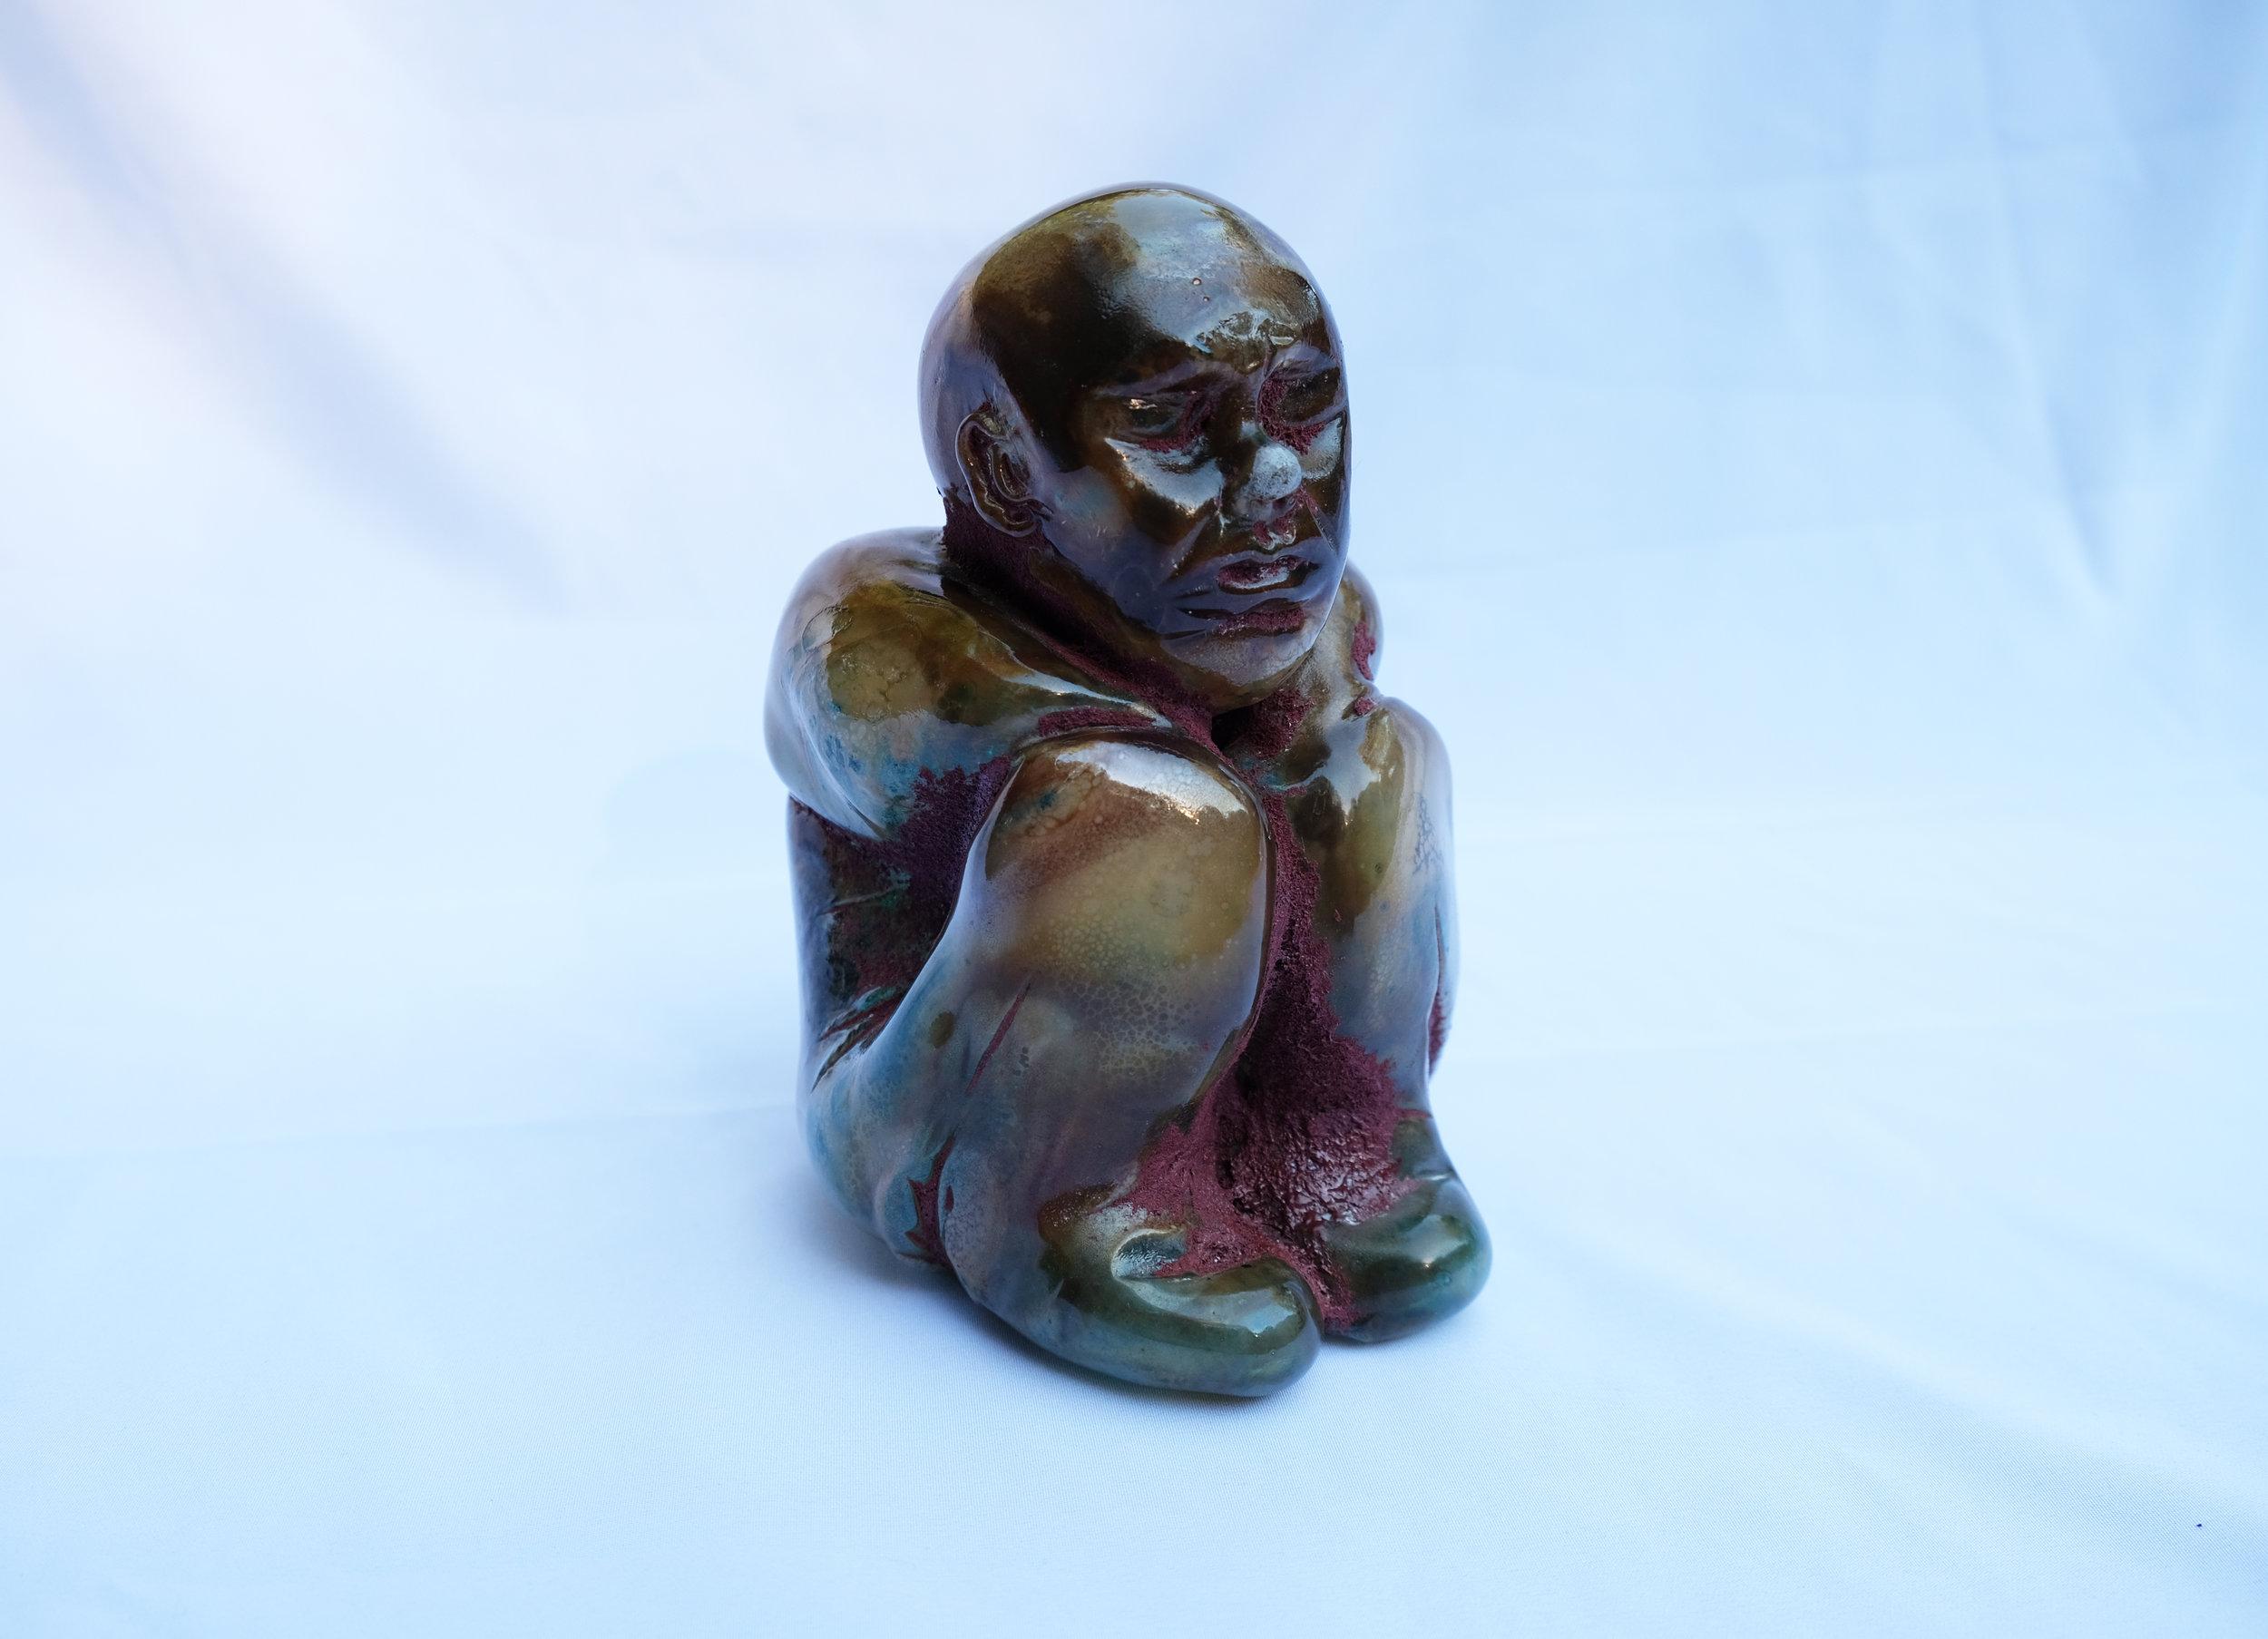 Sitting Figure.  Hot sculpting, blown glass. June 2017. 4x4.5x6.5 (h) in.